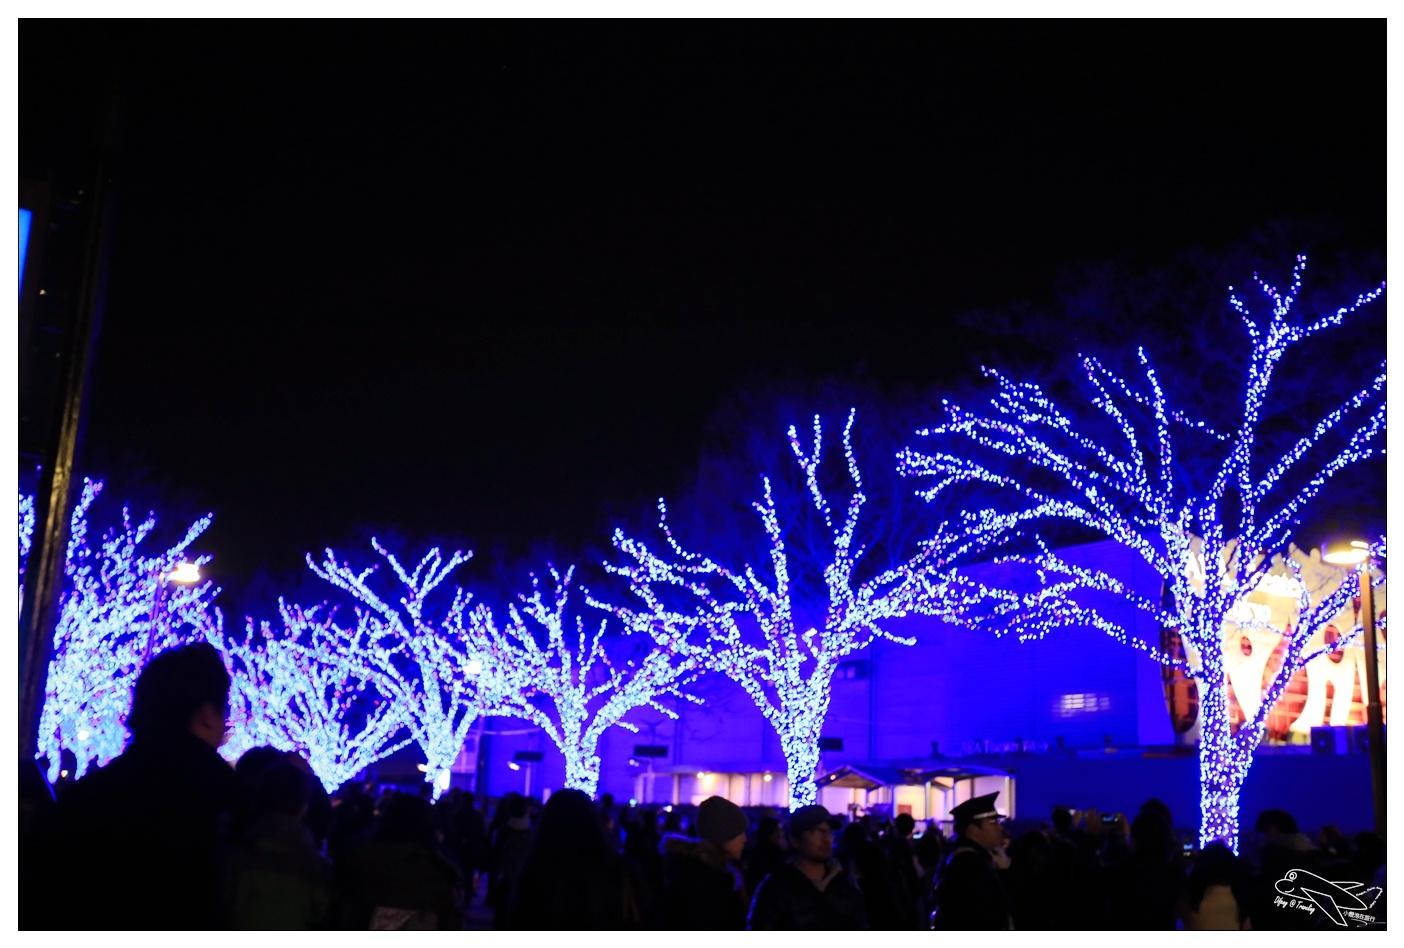 東京涉谷青之洞窟|代代木公園藍色燈海祭。青の洞窟(SHIBUYA)~渋谷交差点~